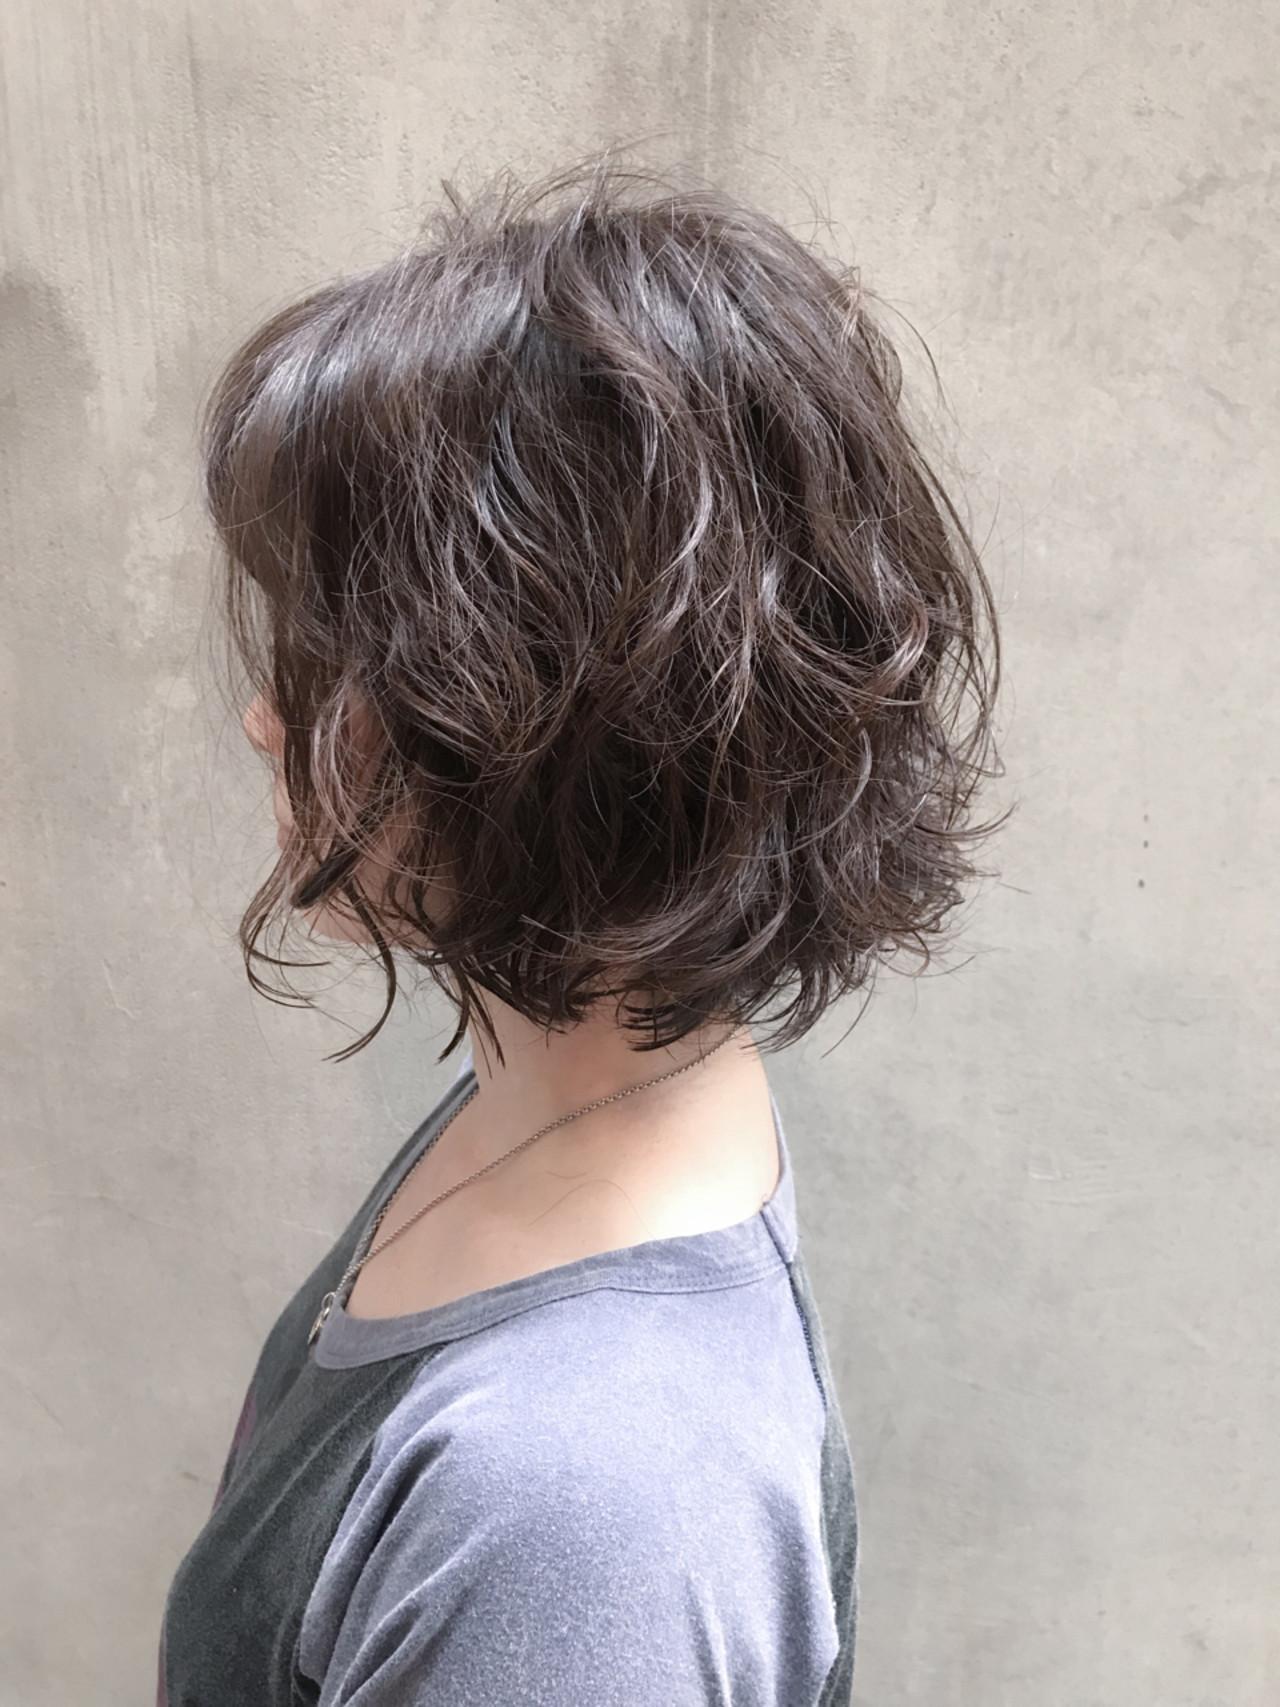 ボブ ナチュラル パーマ ショートボブ ヘアスタイルや髪型の写真・画像